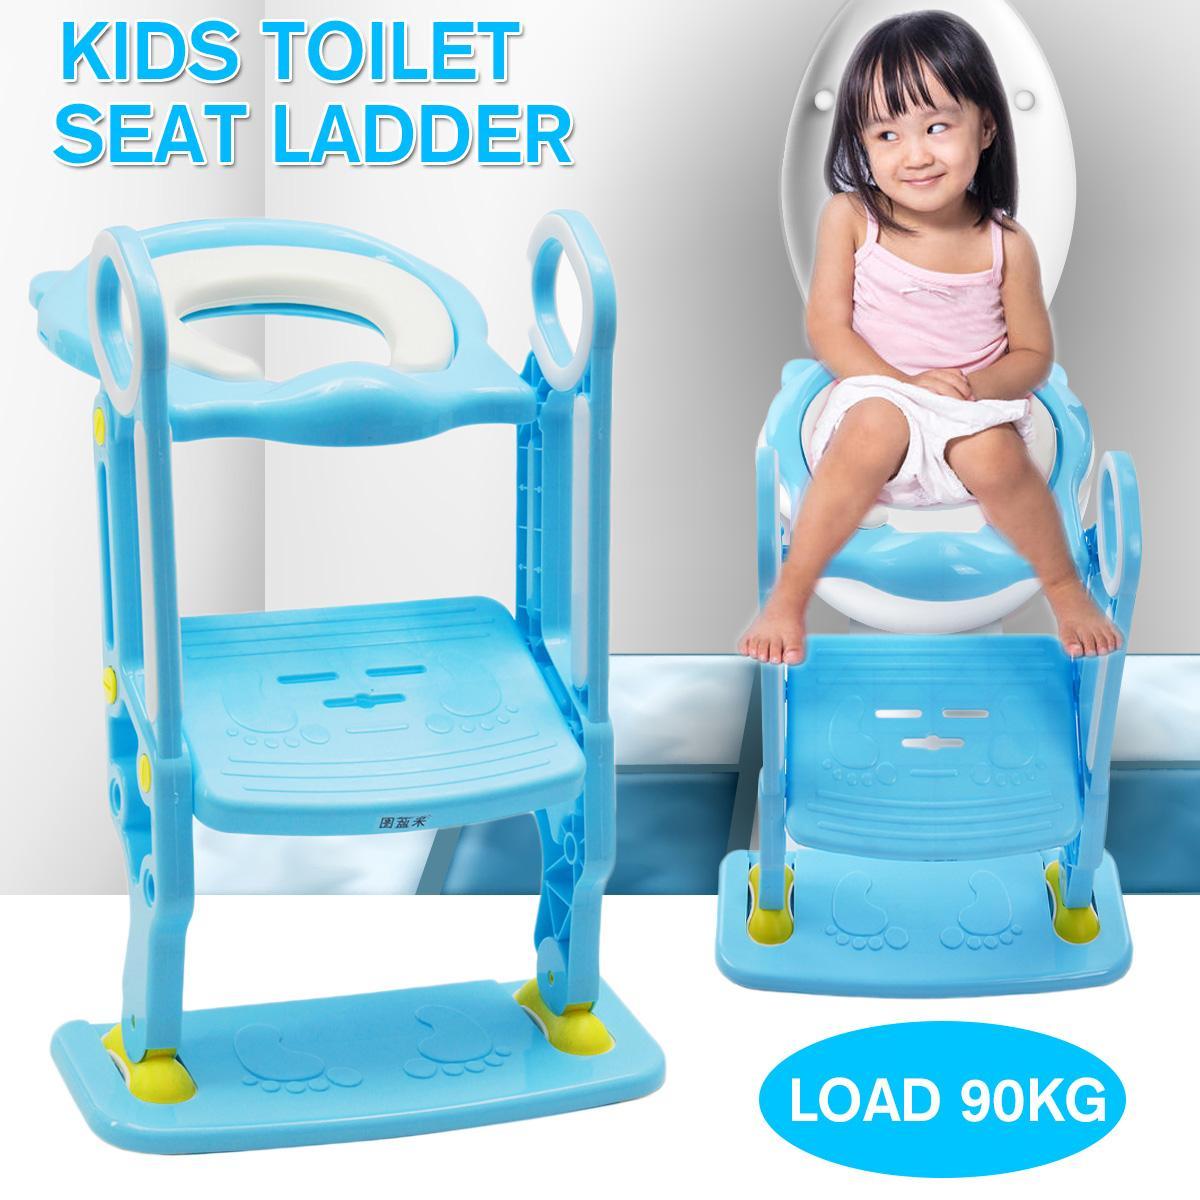 Складывающийся горшок для младенцев и детей, тренировочное сиденье для унитаза, нагрузка 90 кг, с регулируемой лестницей, портативный писсуа